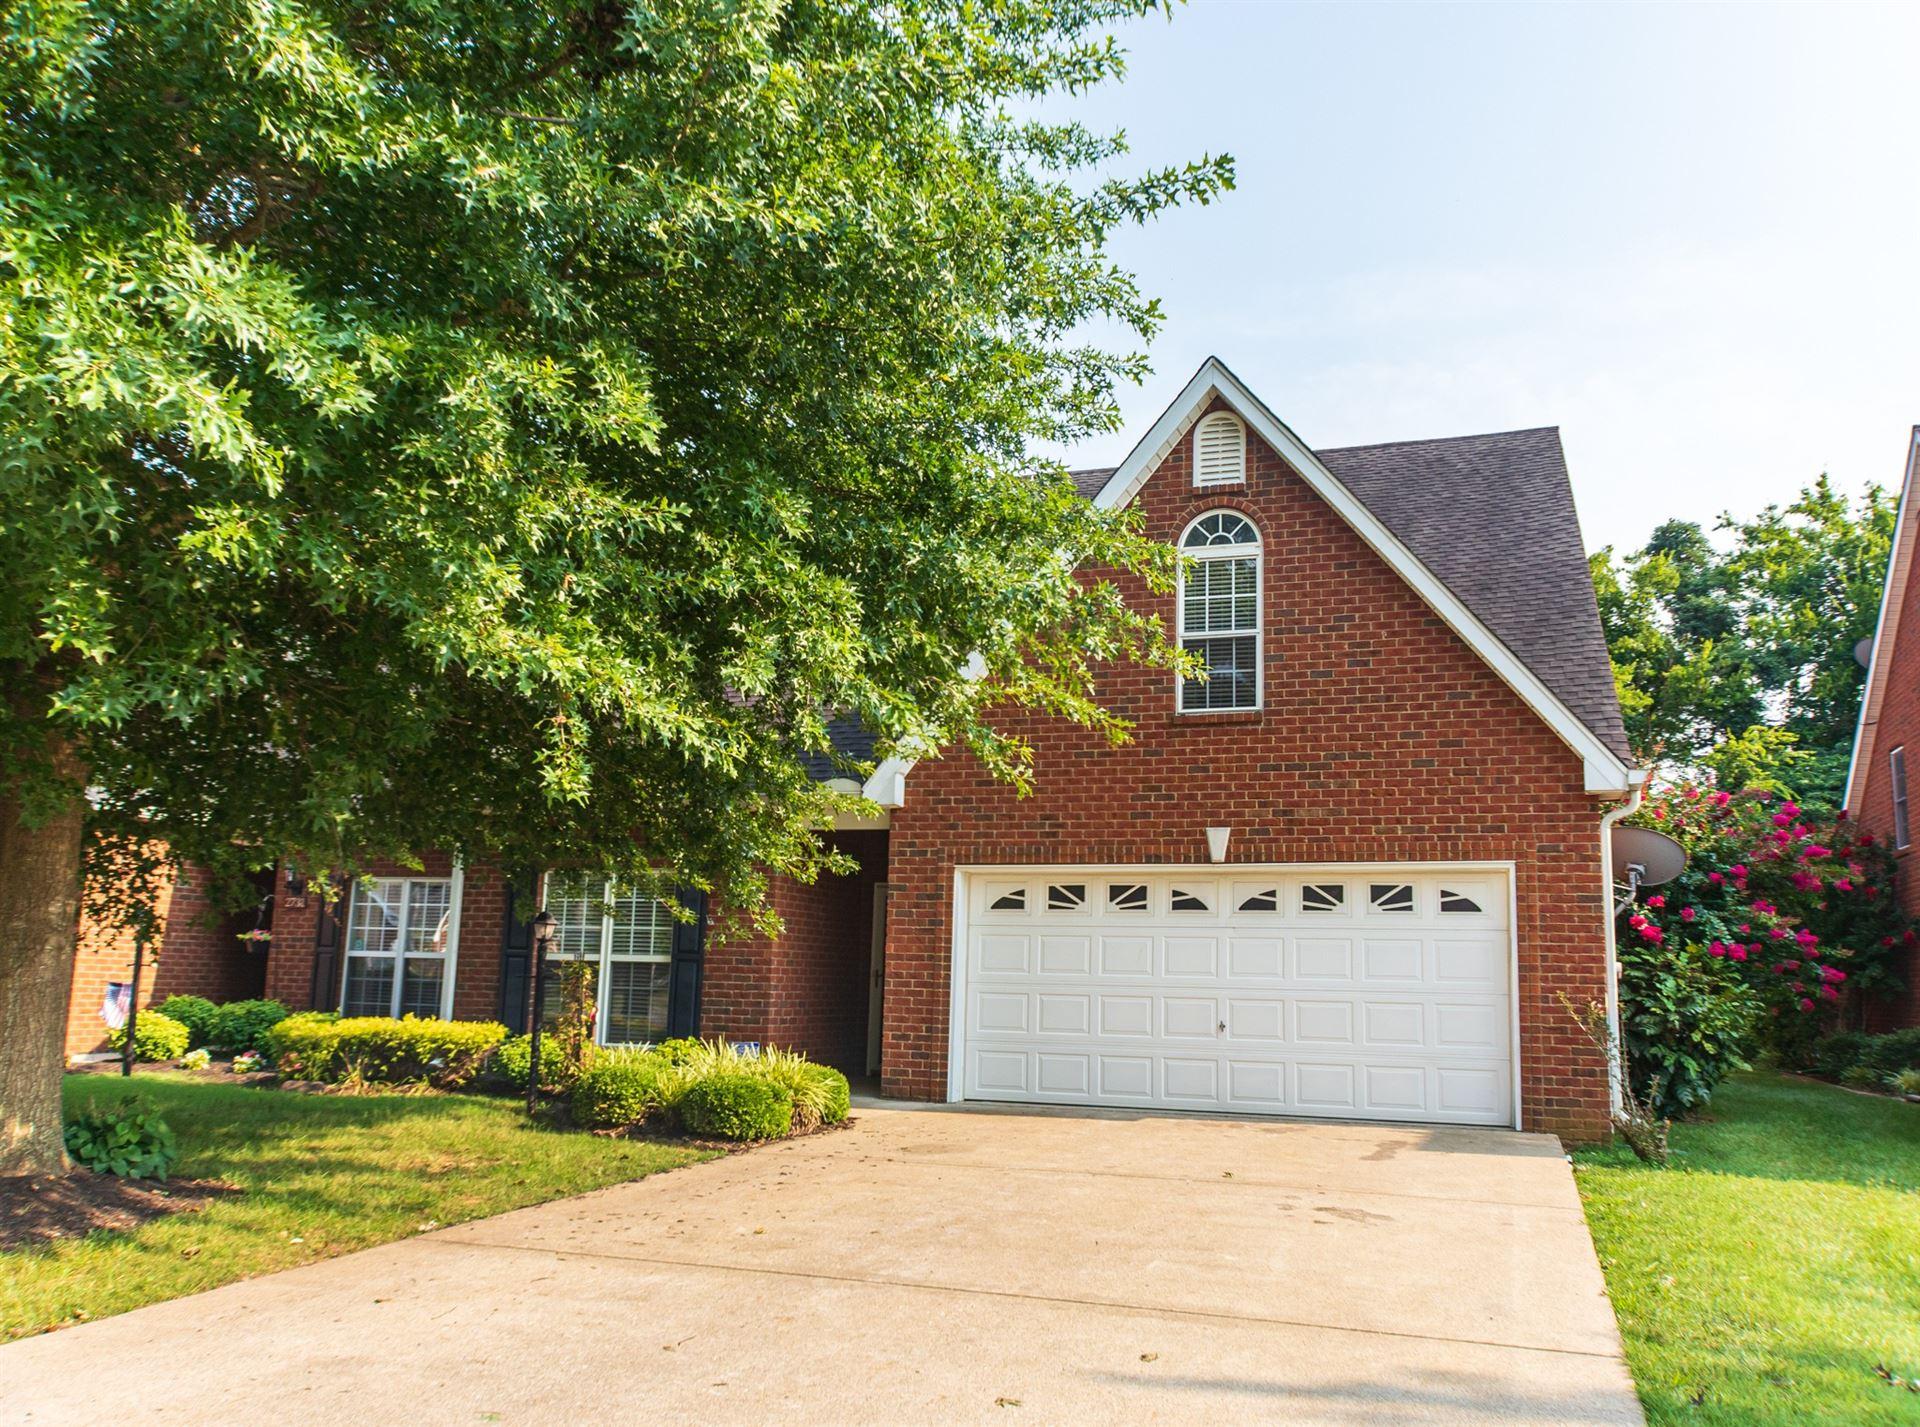 2733 Waywood Dr, Murfreesboro, TN 37128 - MLS#: 2274451